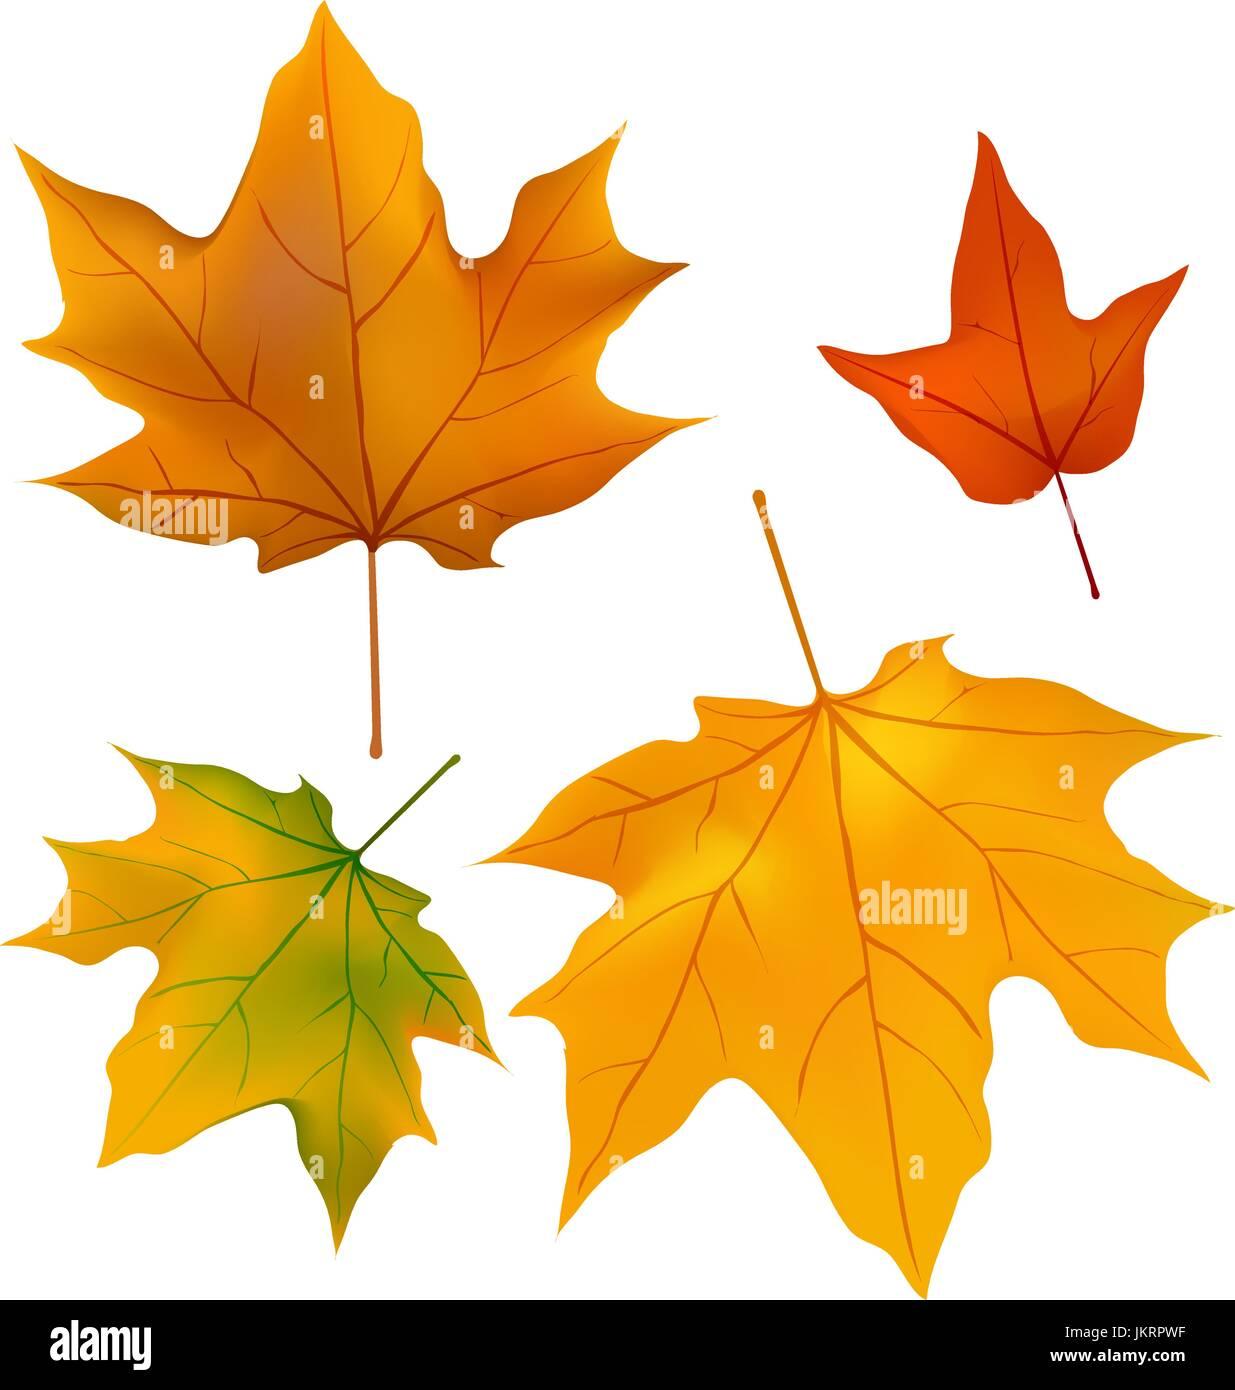 Le feuillage plantes feuilles d 39 rable feuille d 39 rable fond motif dessin automne vecteurs et - Feuille erable dessin ...